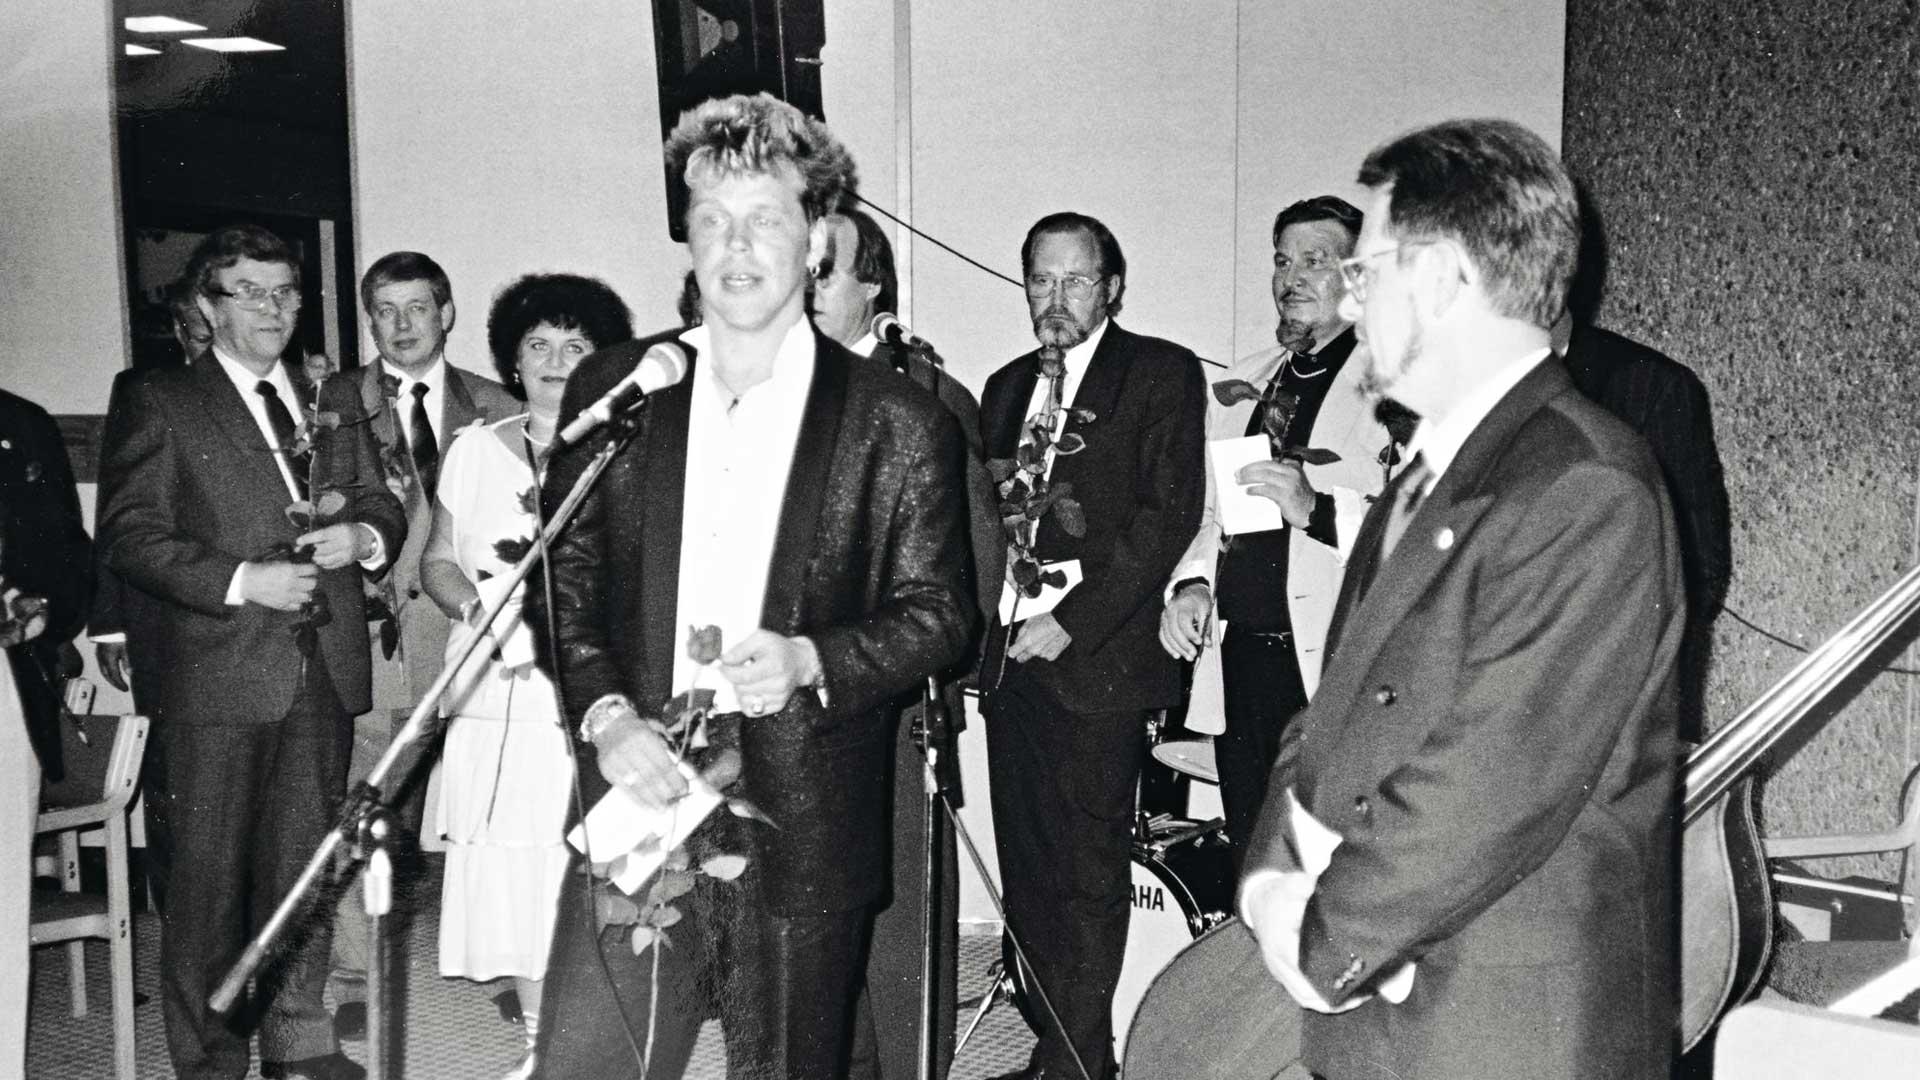 """Pentti Ojanen (vas.) sai Merimies-Unionin kultaisen ansiomerkin vuonna 1988 samassa tilaisuudessa, jossa se luovutettiin myös Pertti """"Nipa"""" Niemiselle (nyk. Neumann)."""